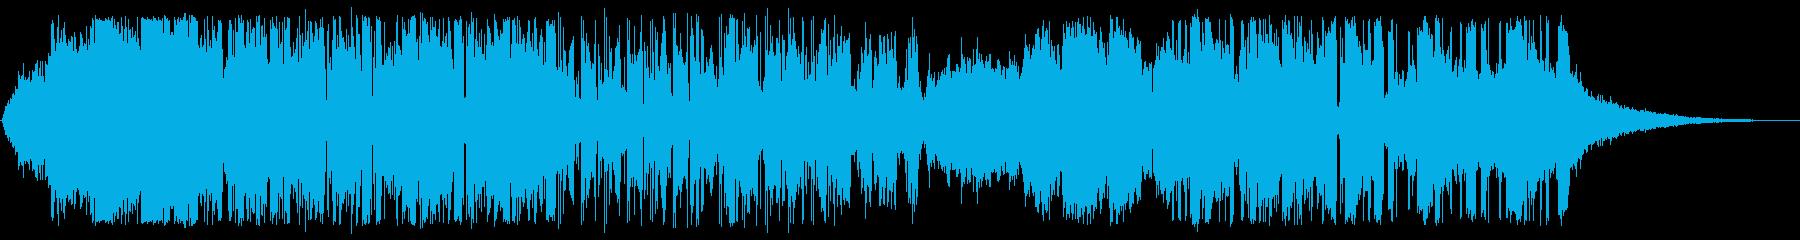 深く美しいエレクトロニカの再生済みの波形